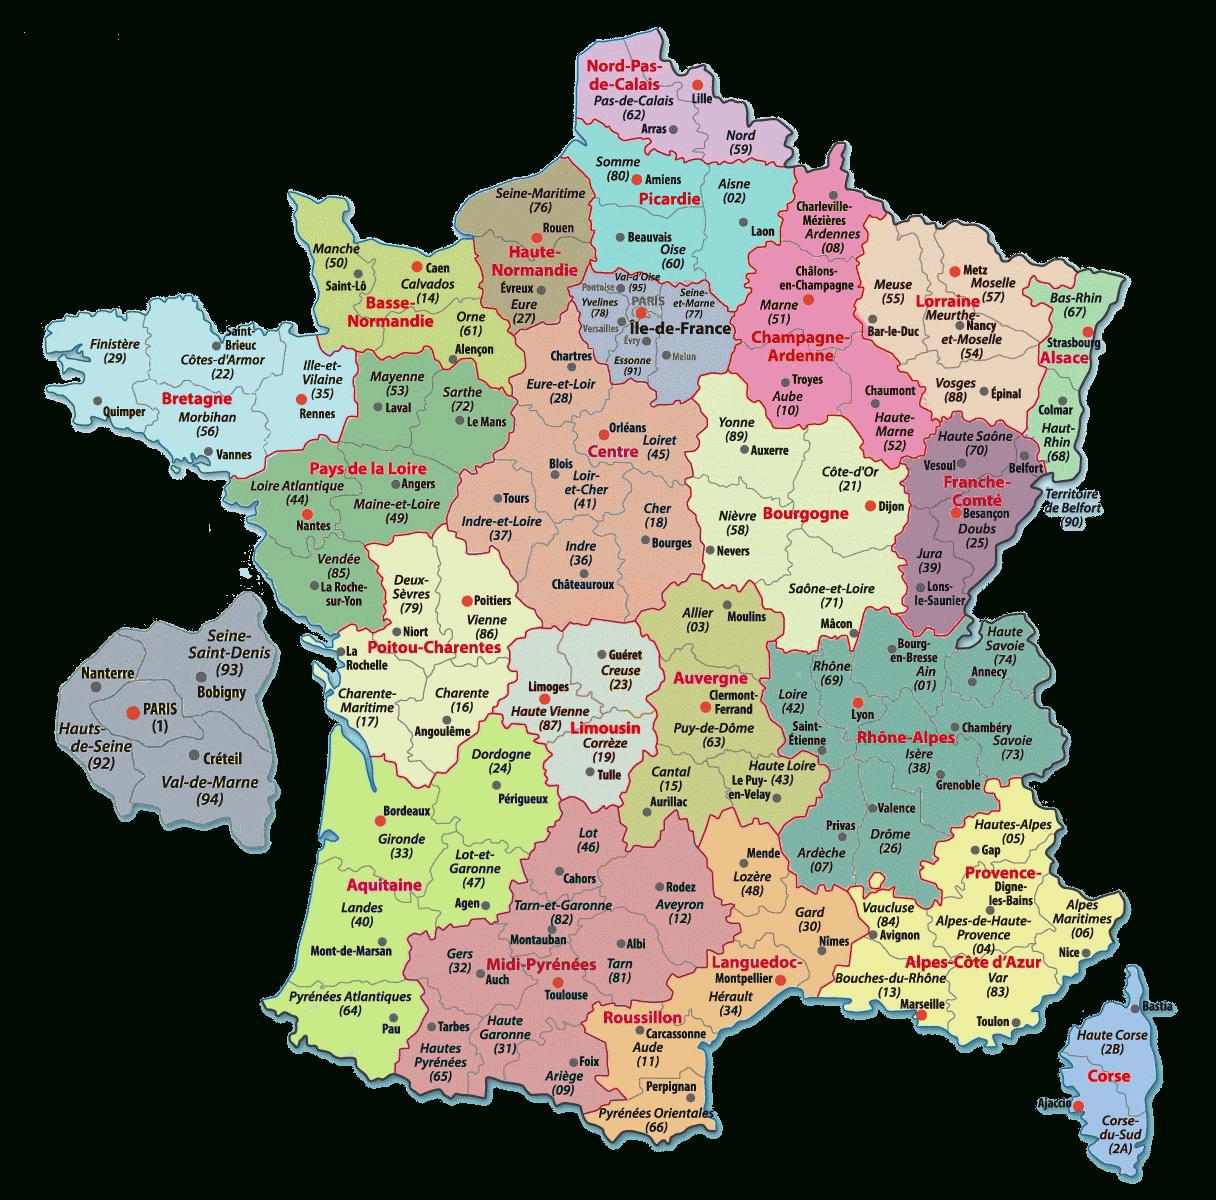 Carte De France Departements : Carte Des Départements De France destiné Carte Des Départements Et Villes